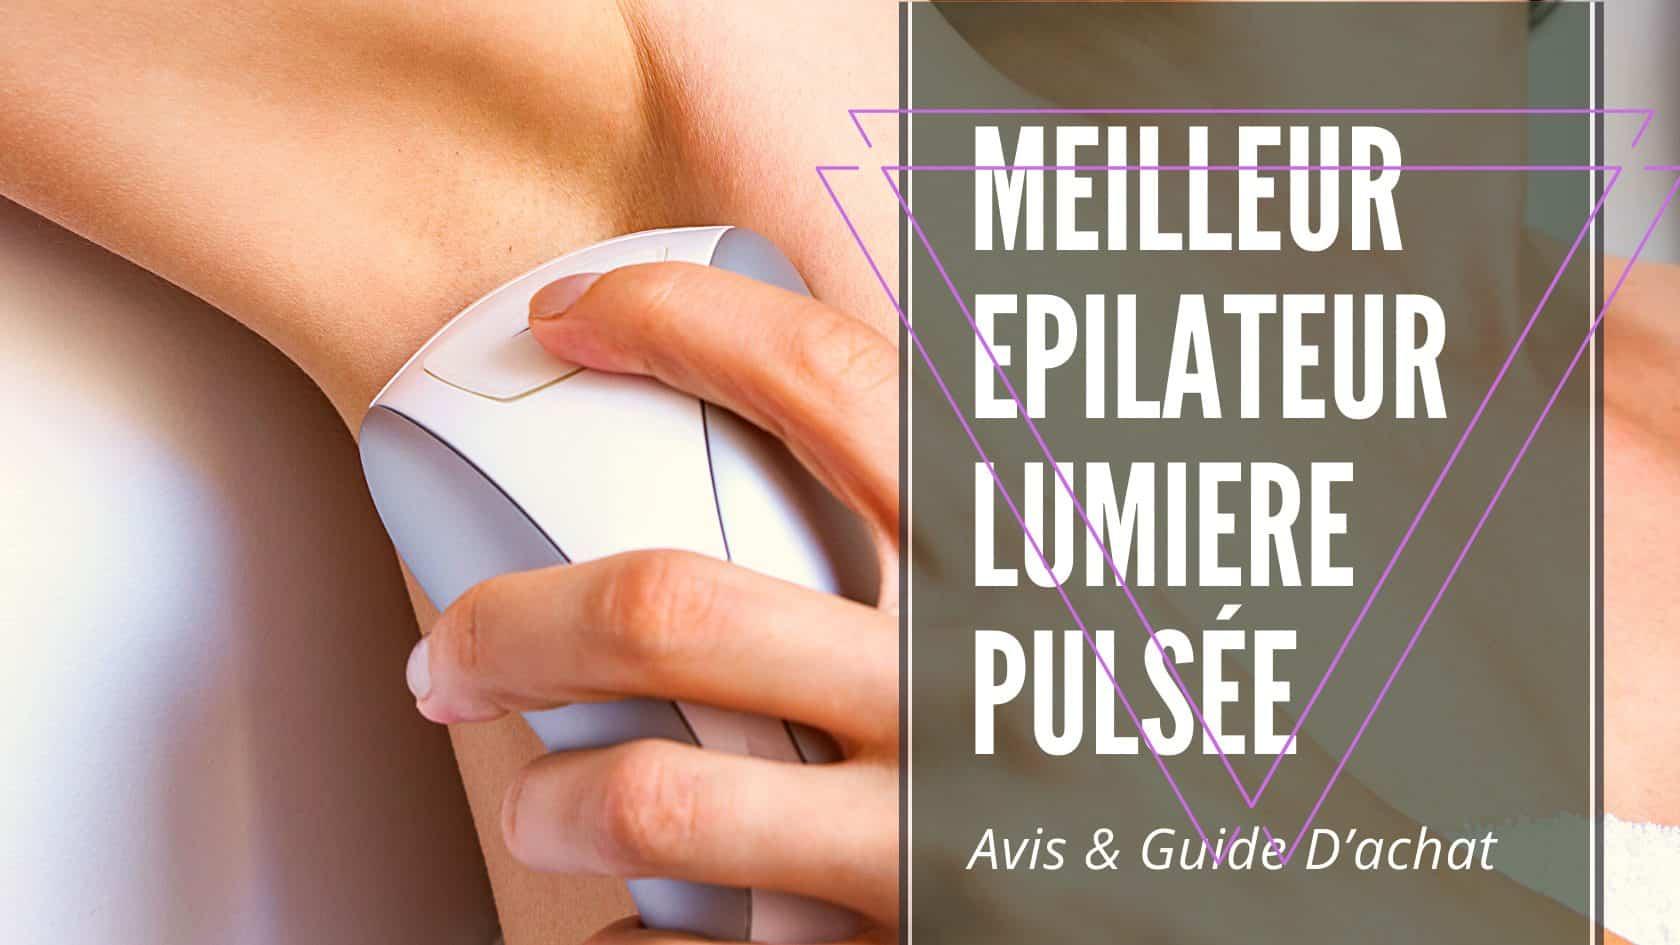 meilleur epilateur lumiere pulsée